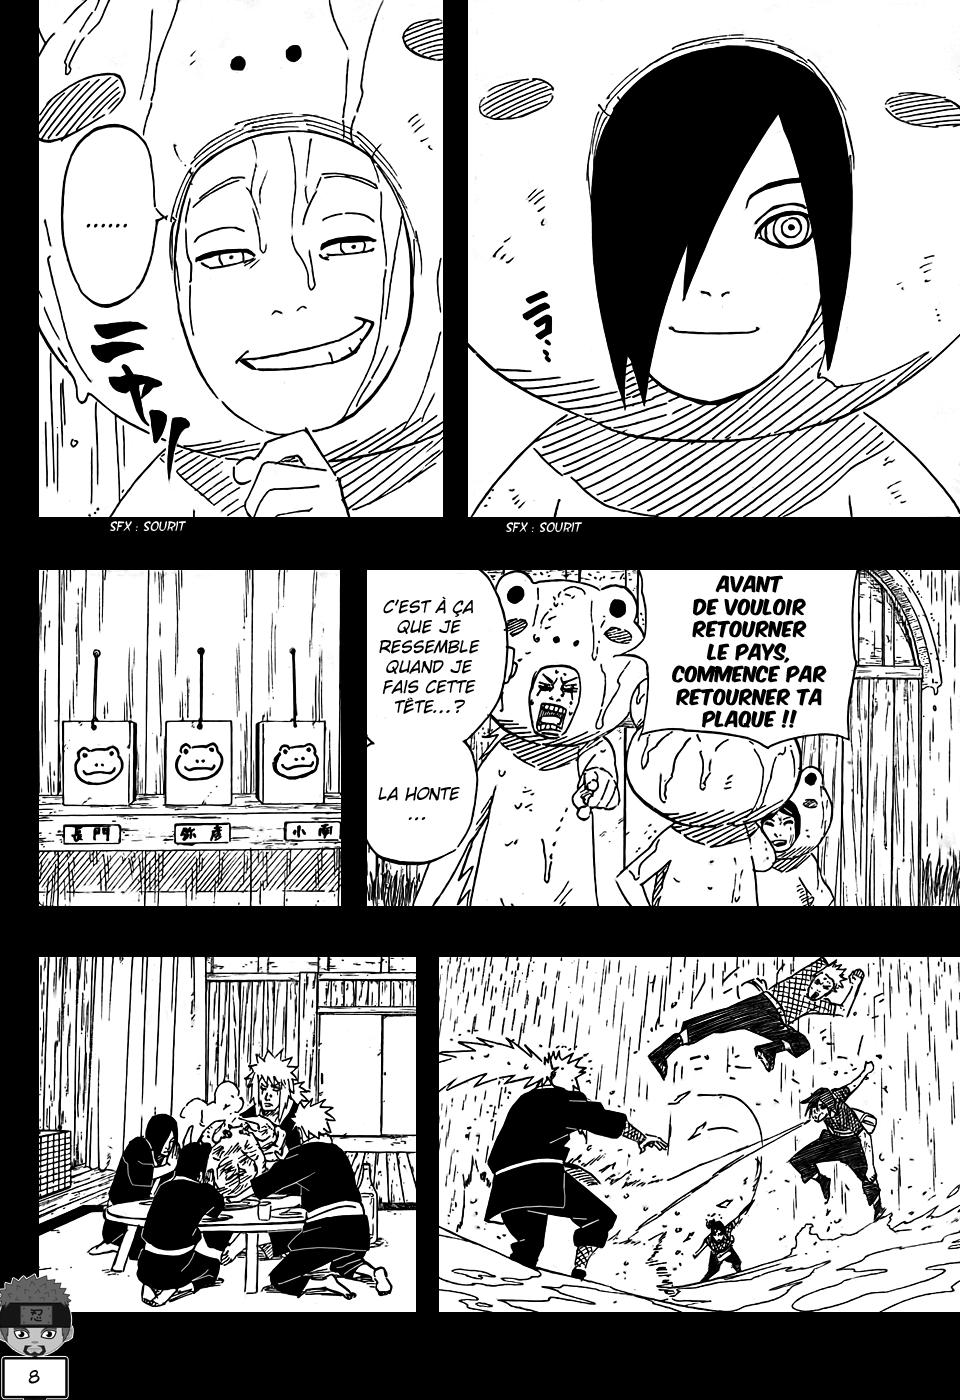 Naruto chapitre 511 - Page 8